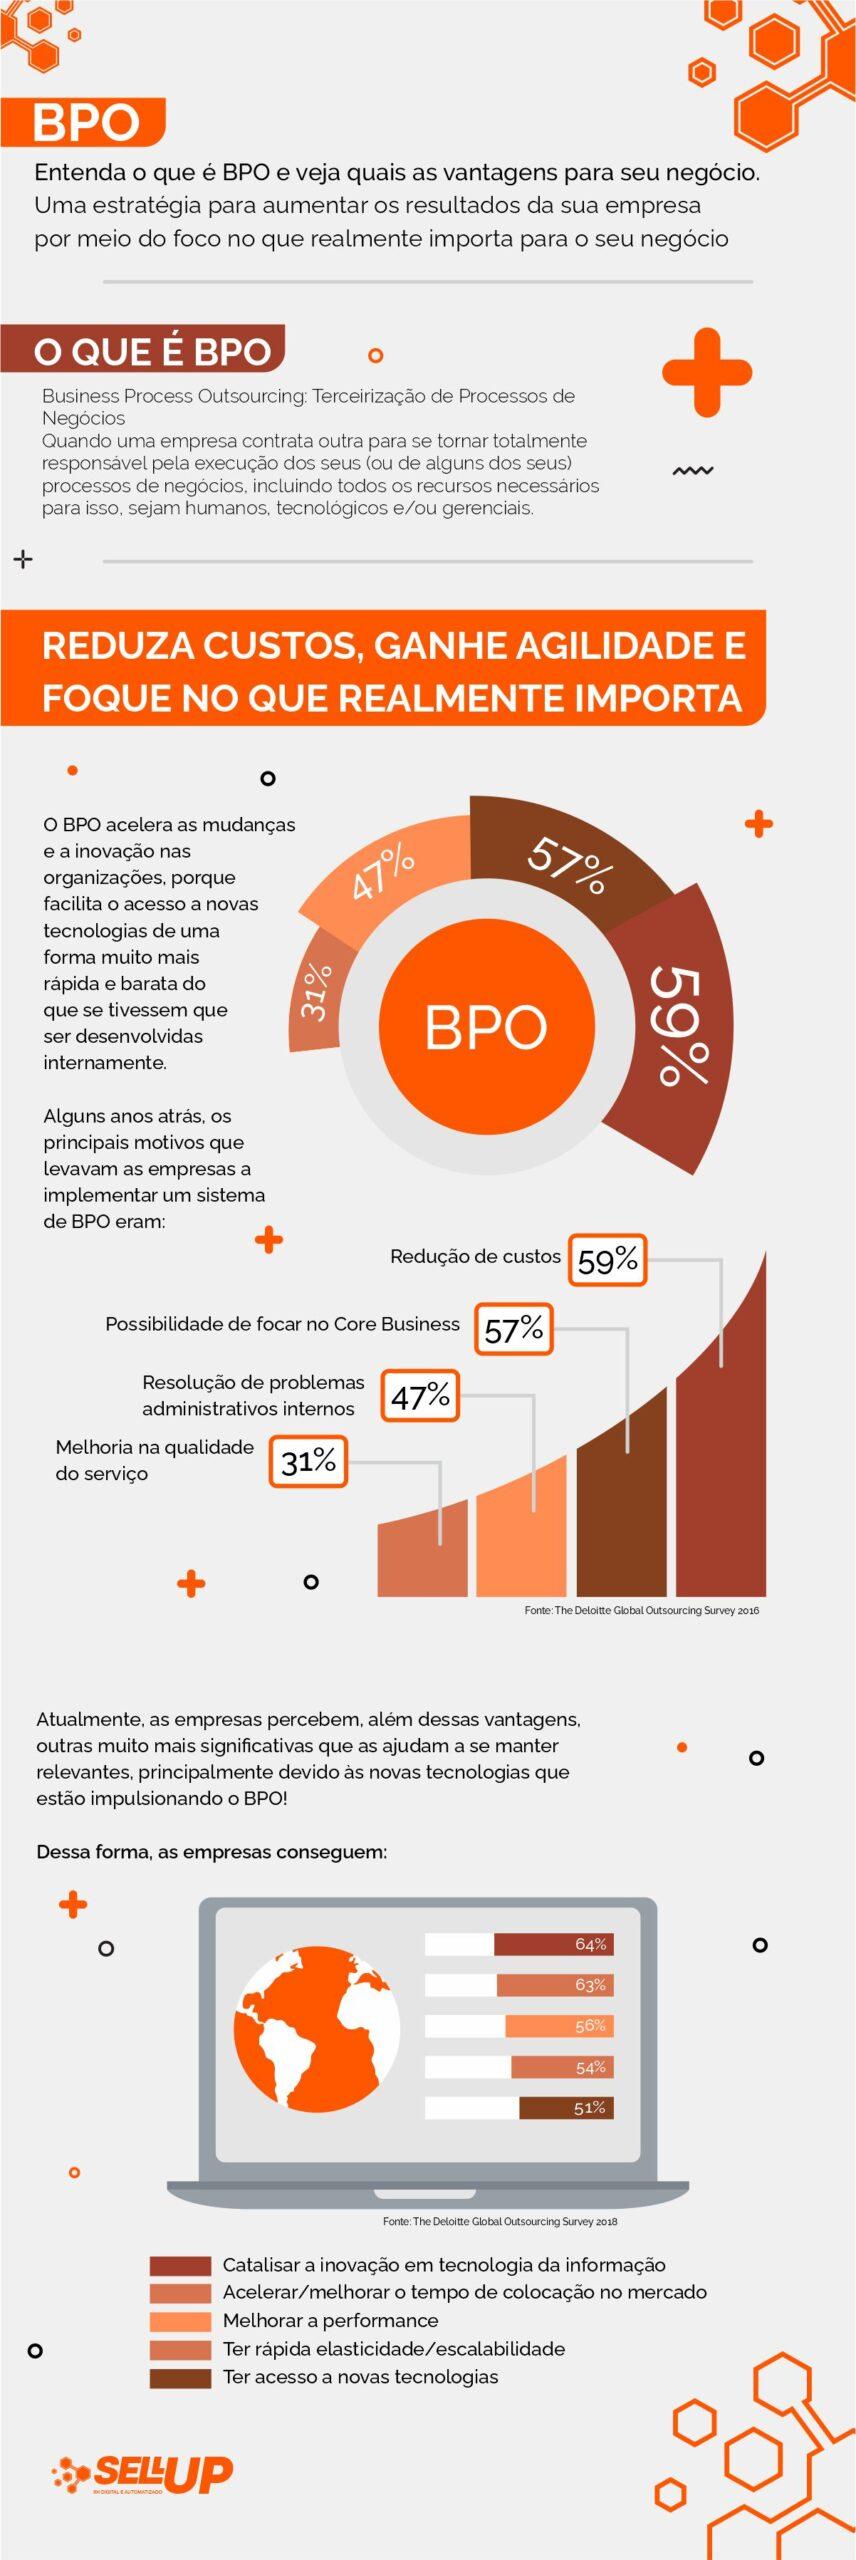 Infográfico o que é BPO, como funciona e suas vantagens